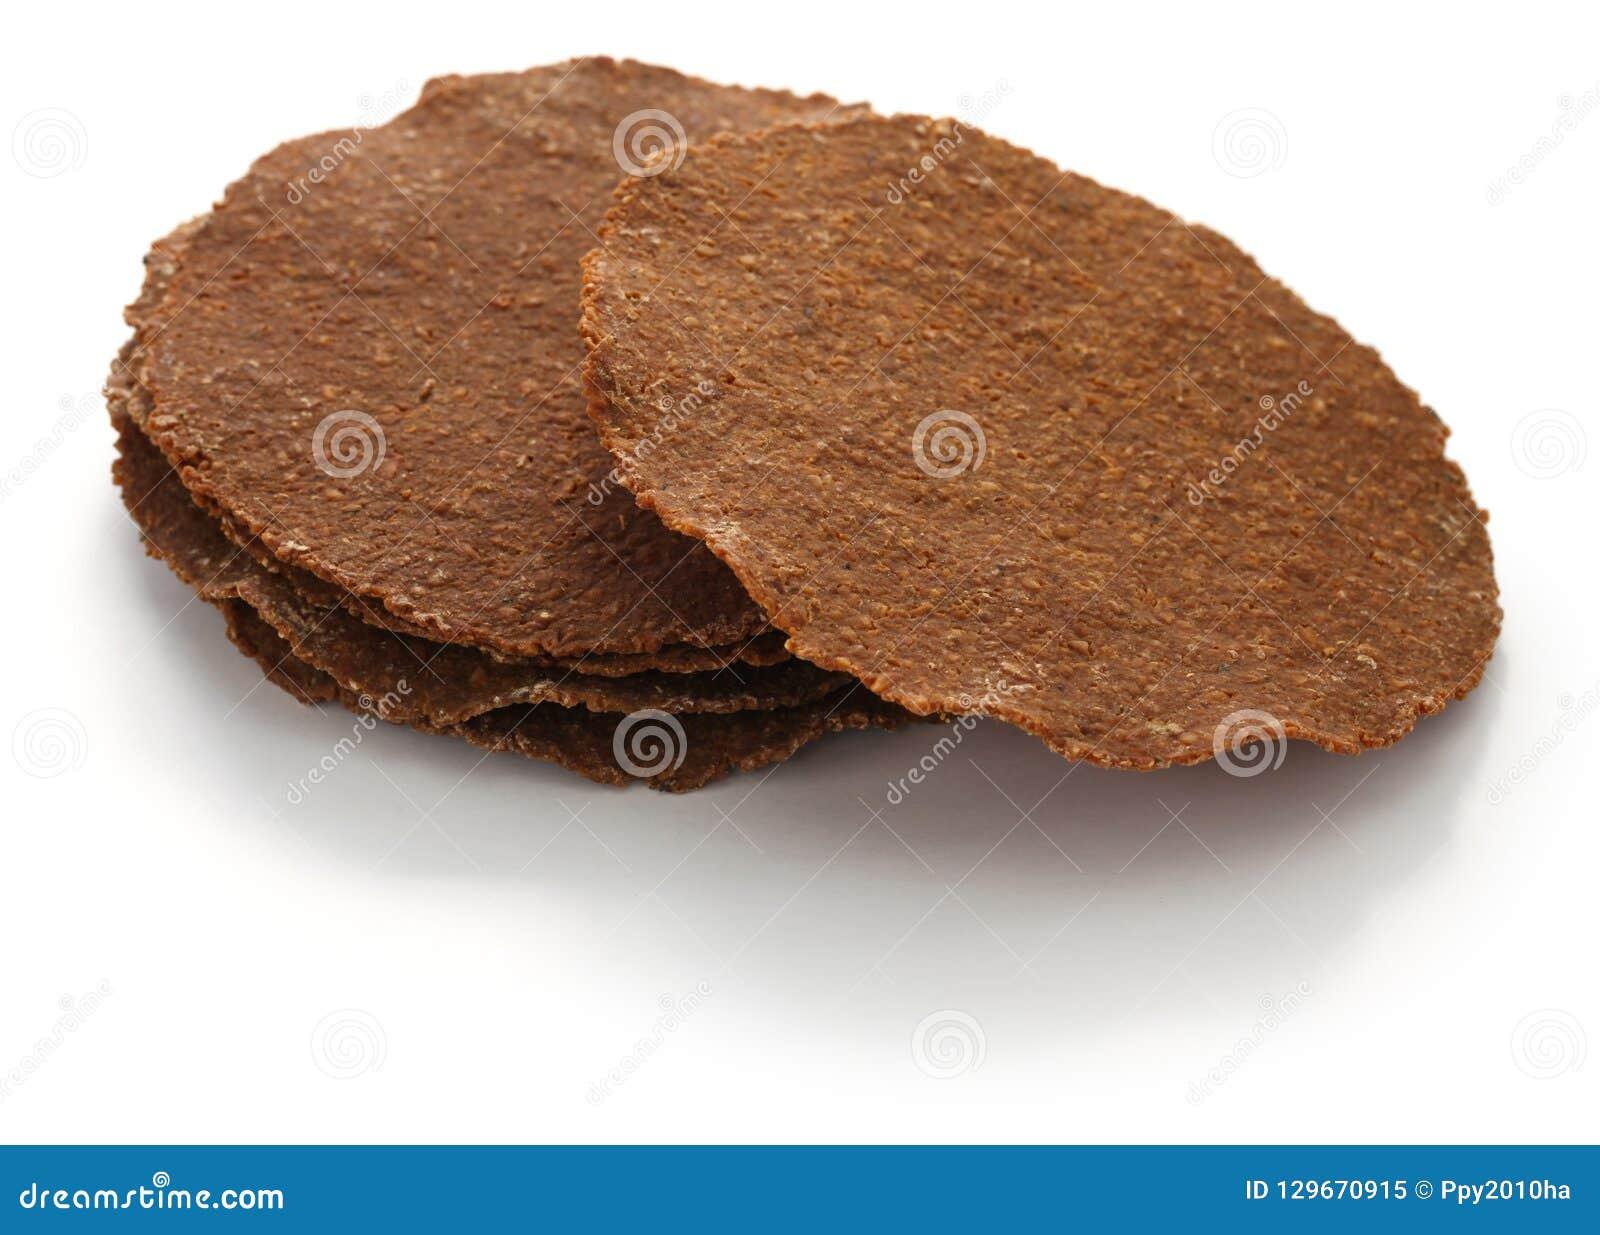 NAO (Εθνικός Οργανισμός Διαιτησίας) Tua, NAO (Εθνικός Οργανισμός Διαιτησίας) thua, ζυμωνομμένα σόγιας φύλλα δίσκων κολλών ξηρά